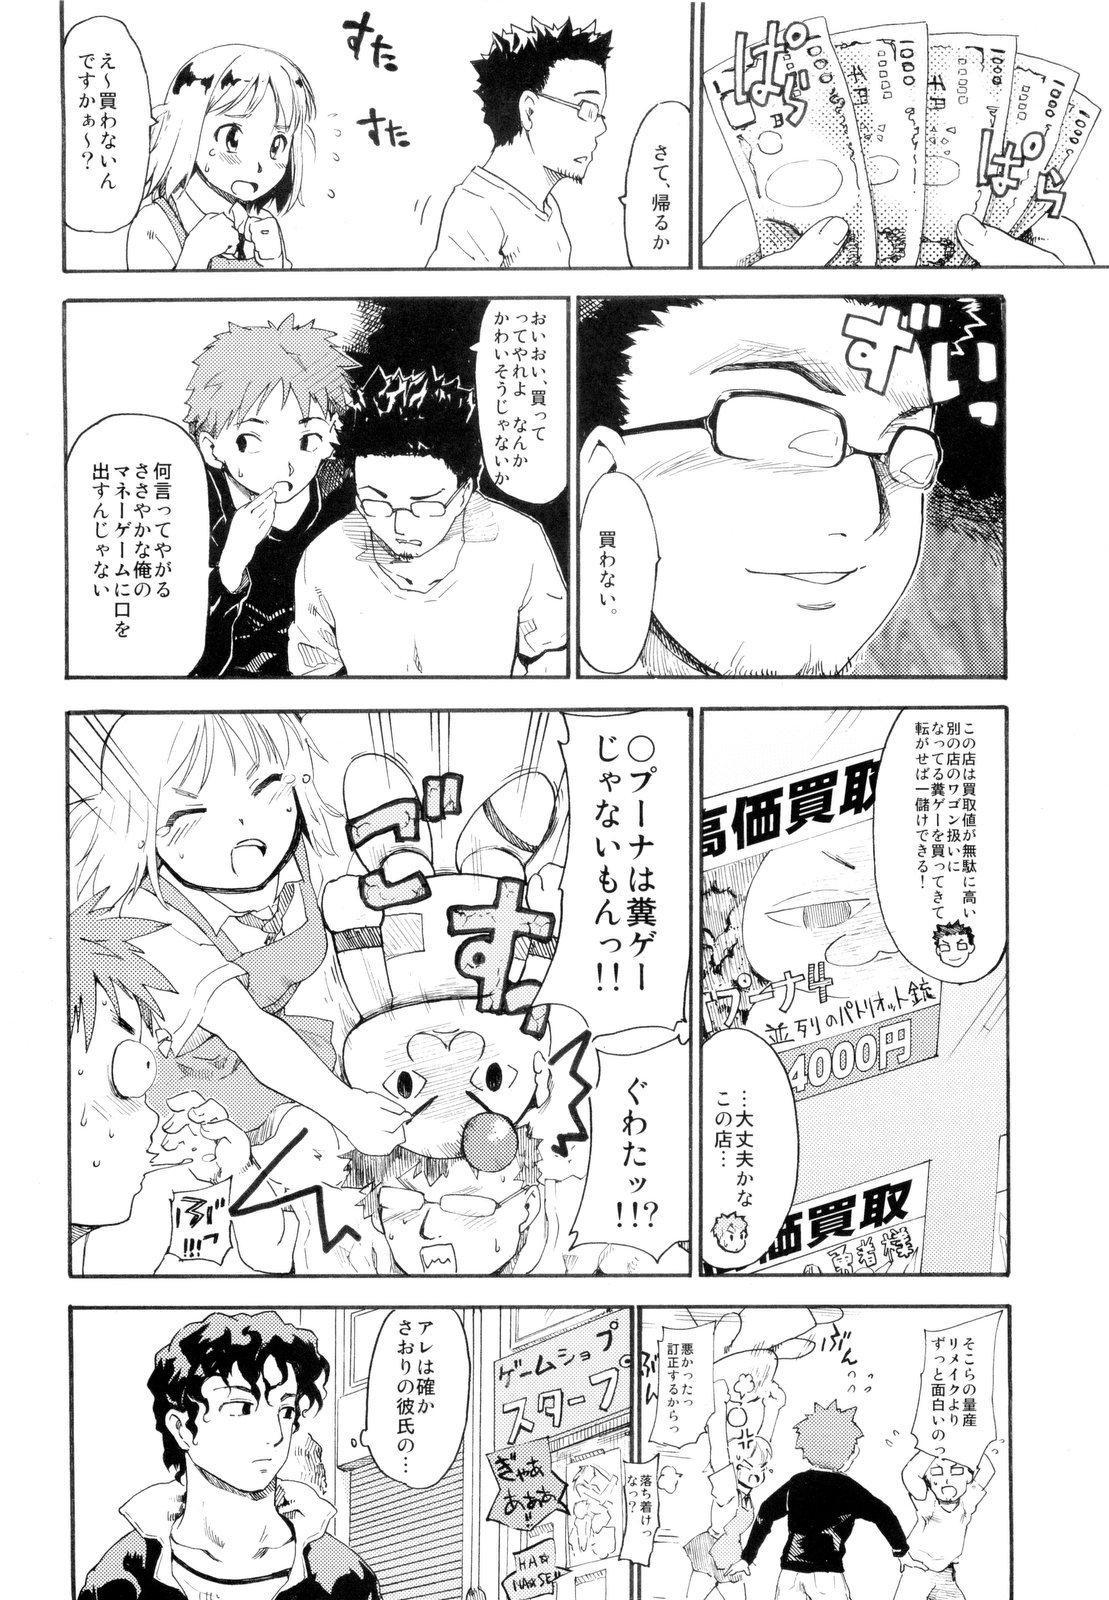 (ComiComi13) [Paranoia Cat (Fujiwara Shunichi)] Akogare no Hito -Himitsu no Isshuukan- #3 27